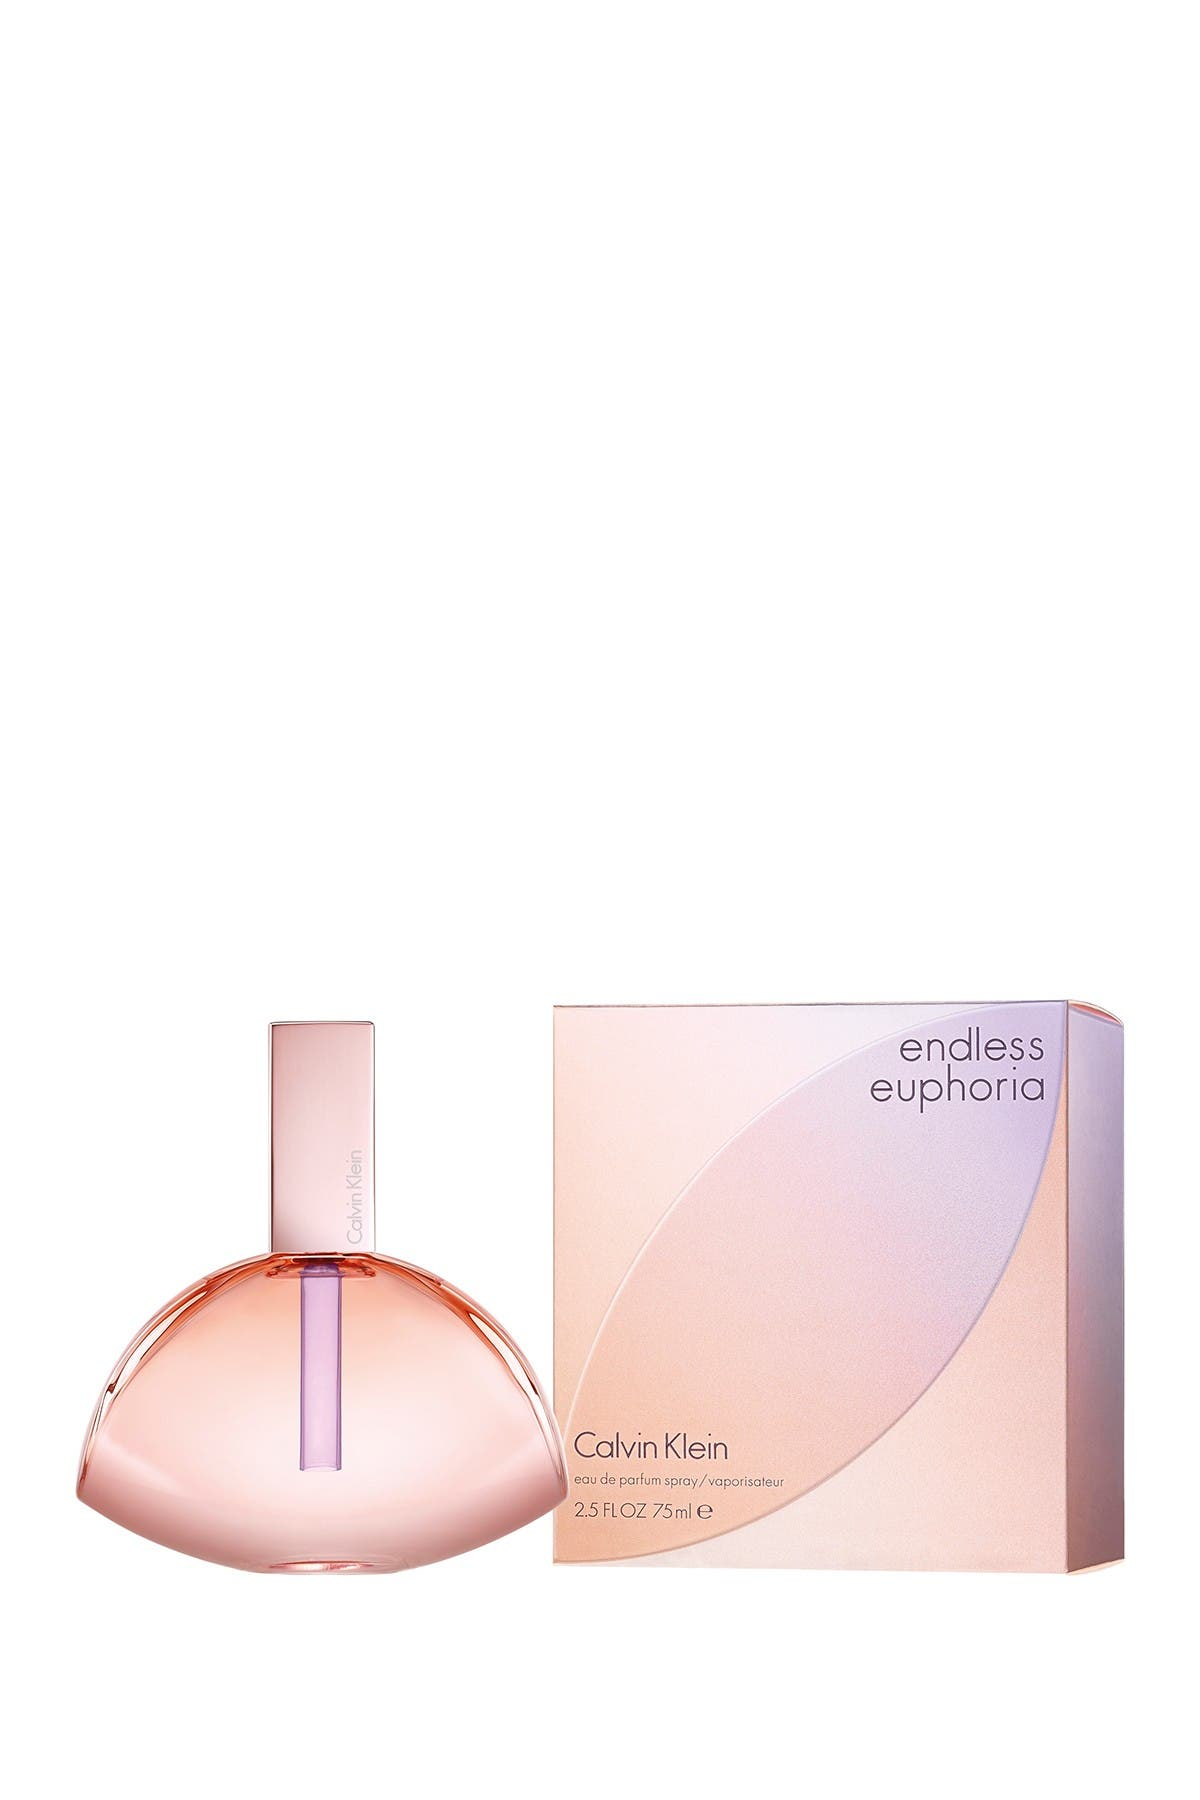 Image of Calvin Klein Endless Euphoria Eau de Parfum Spray 2.5 oz.